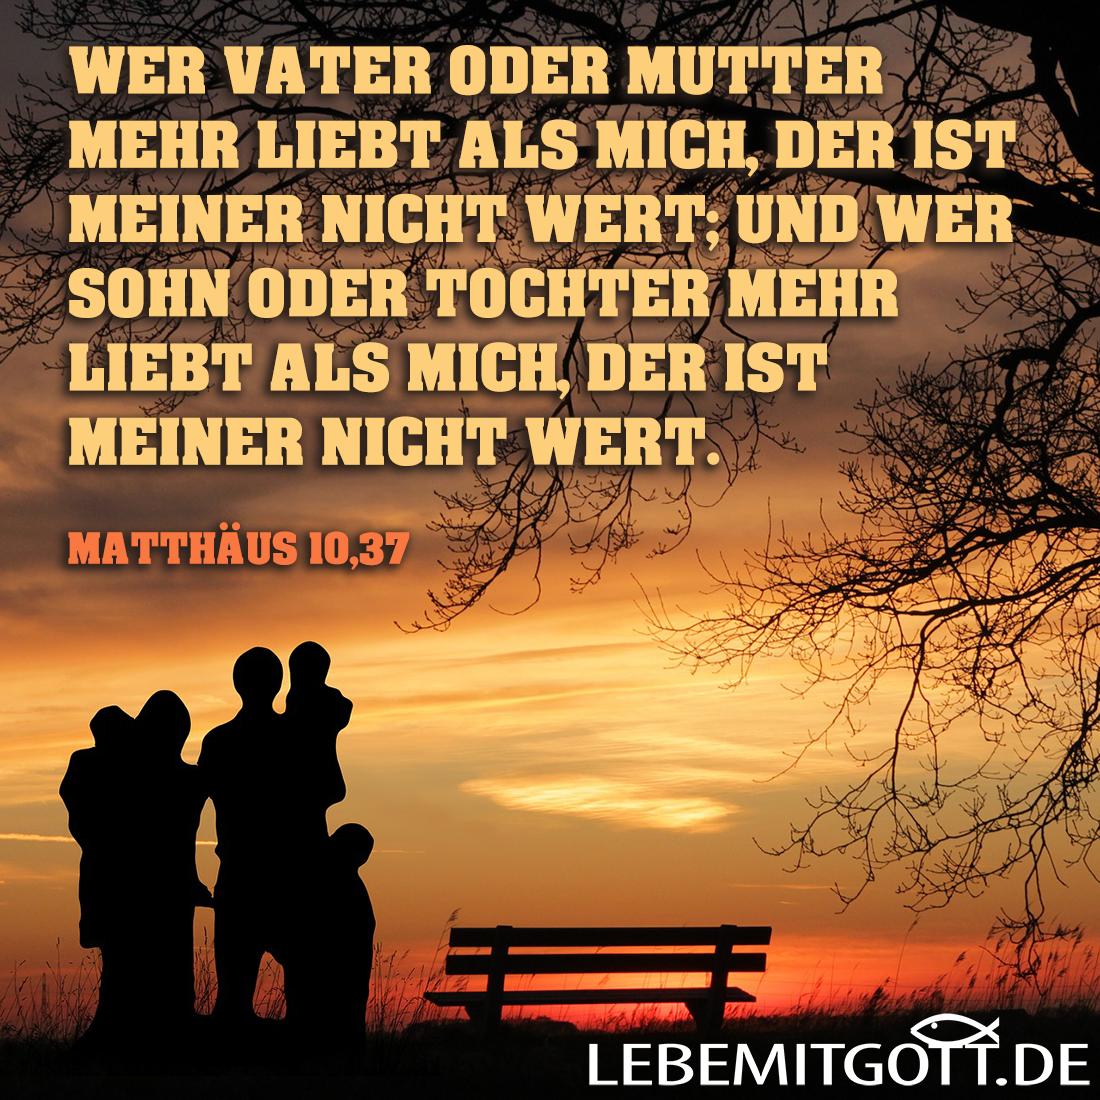 Vater, Mutter, Kinder lieben